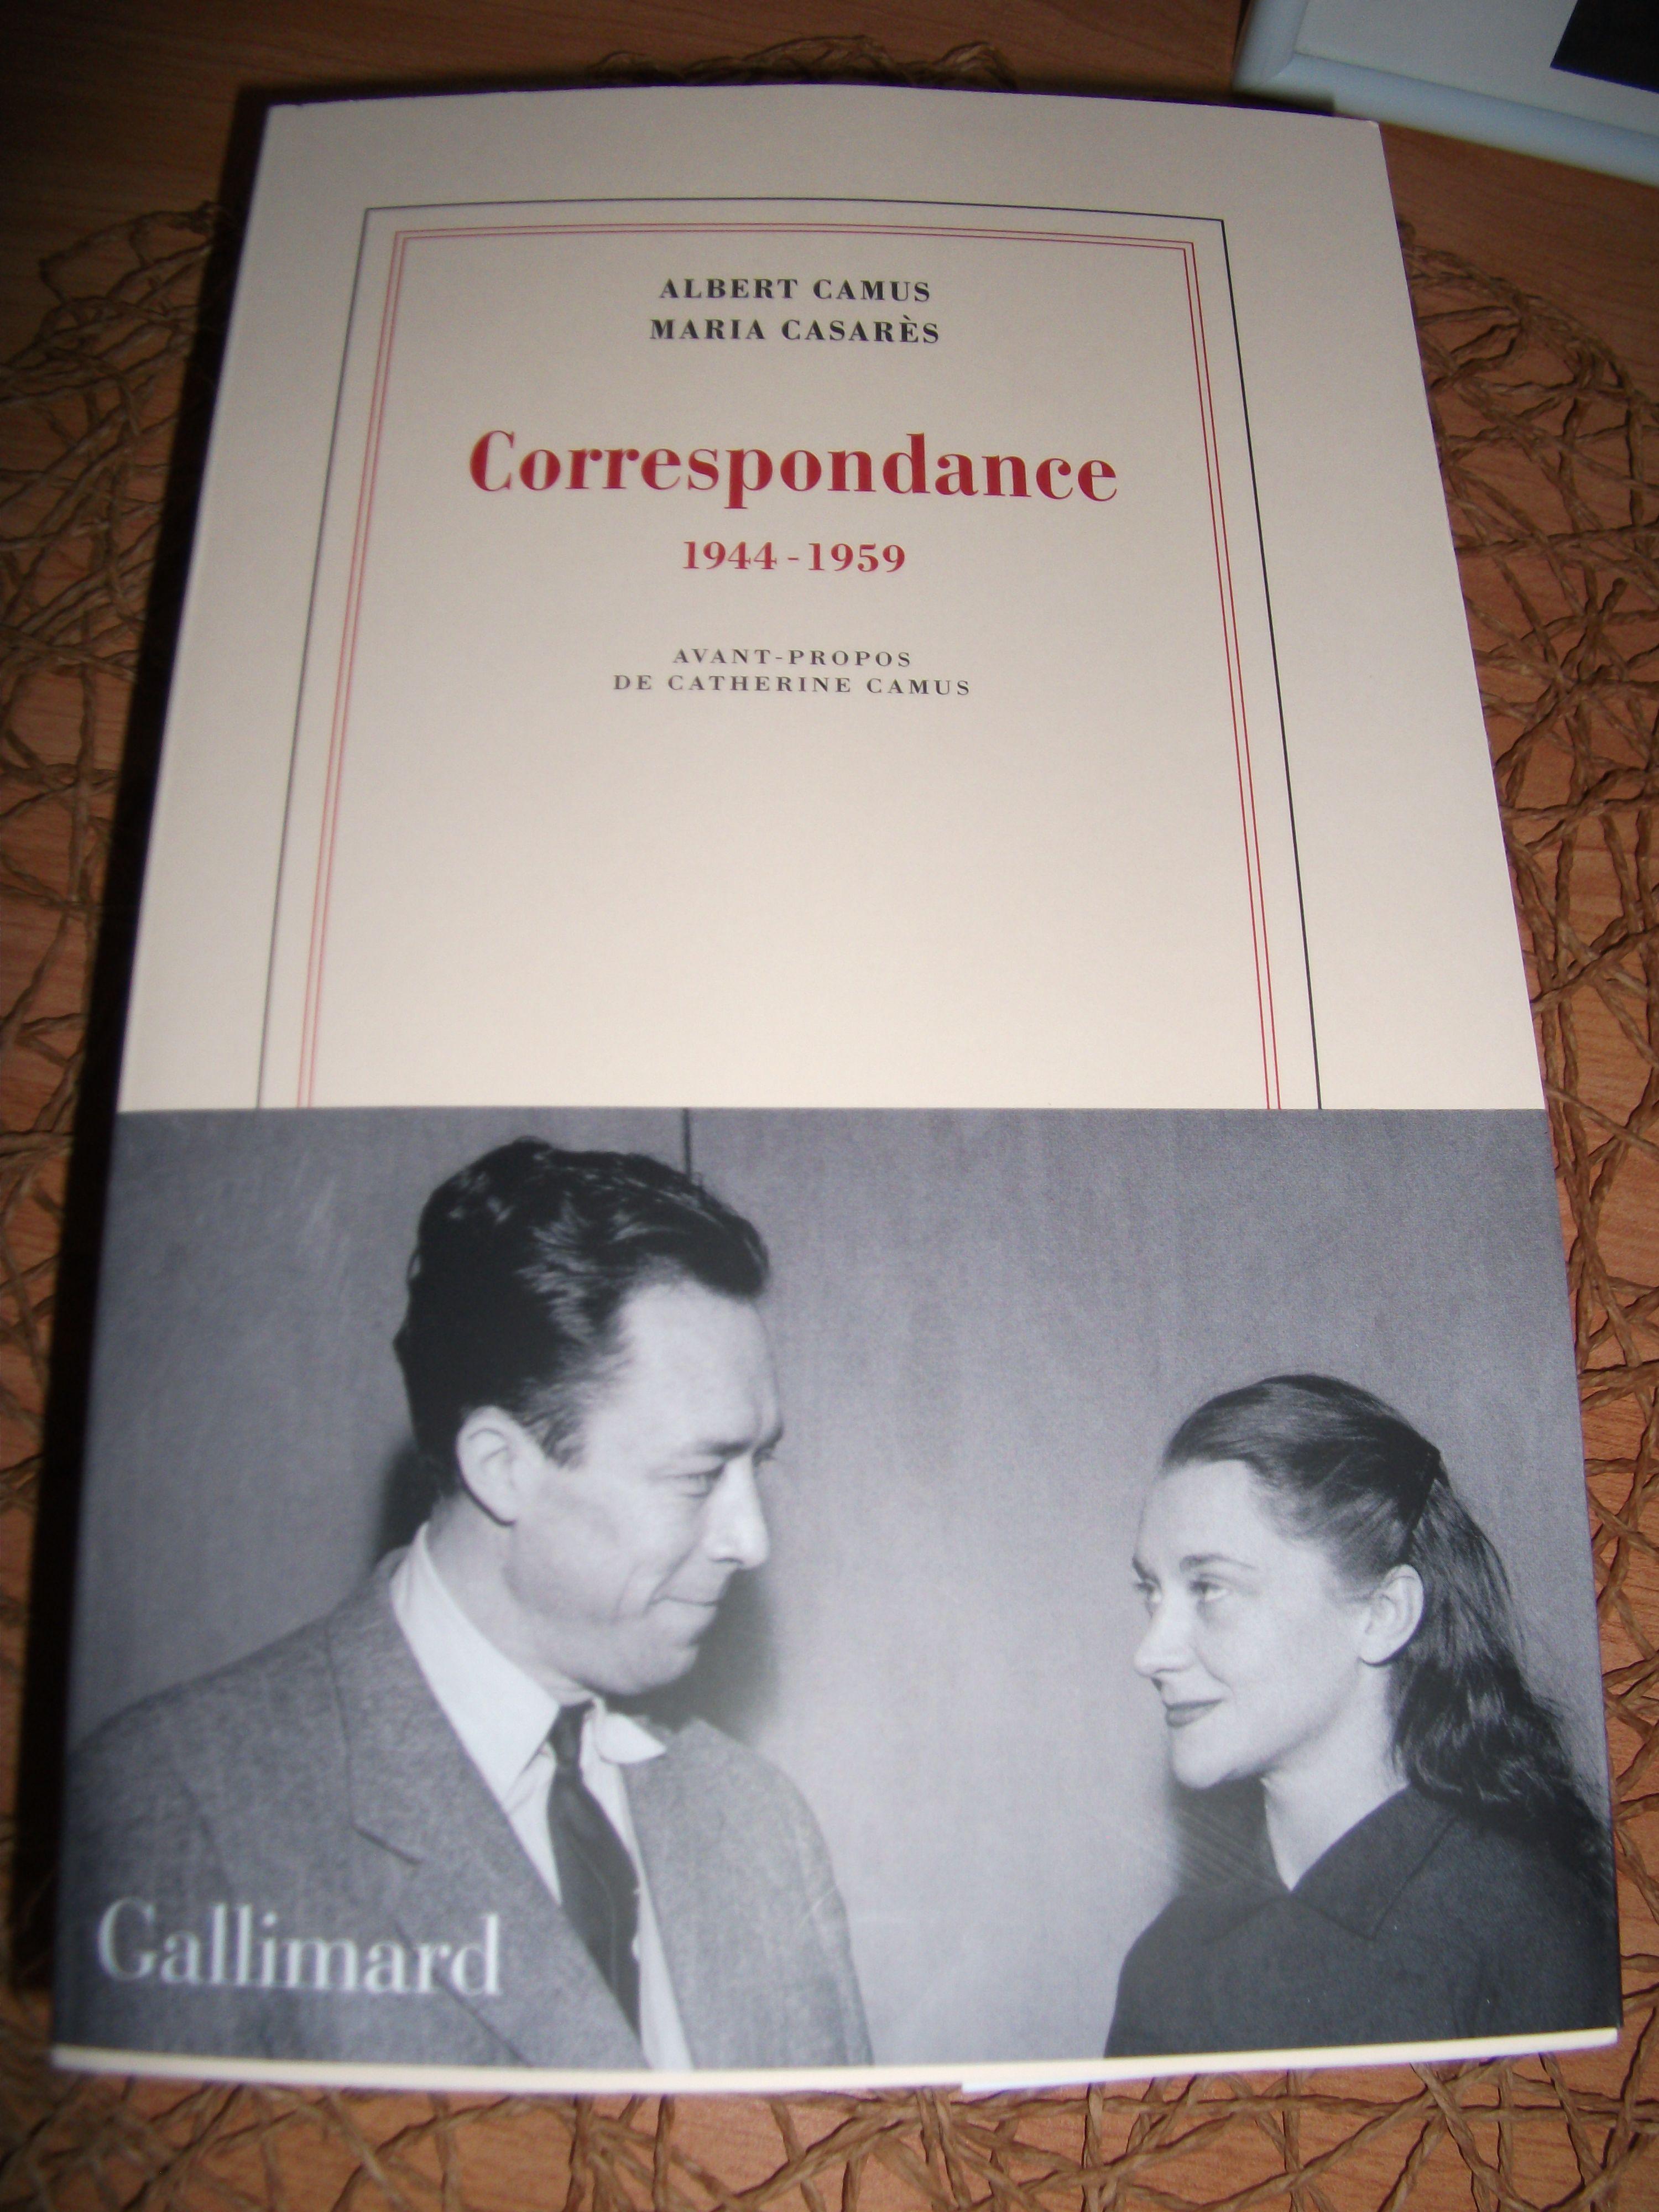 C Est L Histoire D Un Amour : histoire, amour, C'est, L'histoire, Amour..., Albert, Camus,, Litterature,, Livre